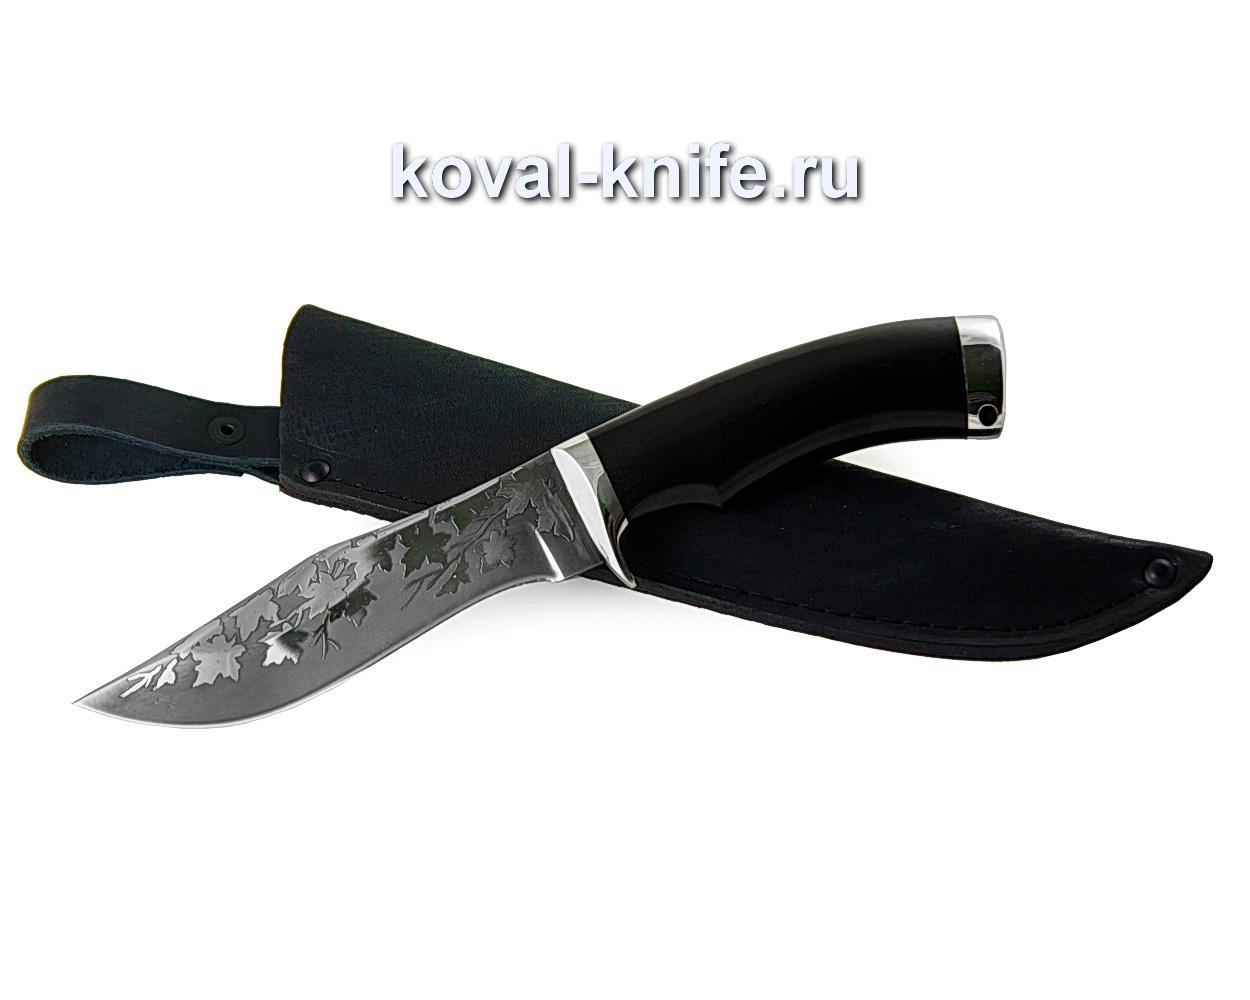 Нож из стали 95х18 Охотничий (черный граб, литье мельхиор) A352